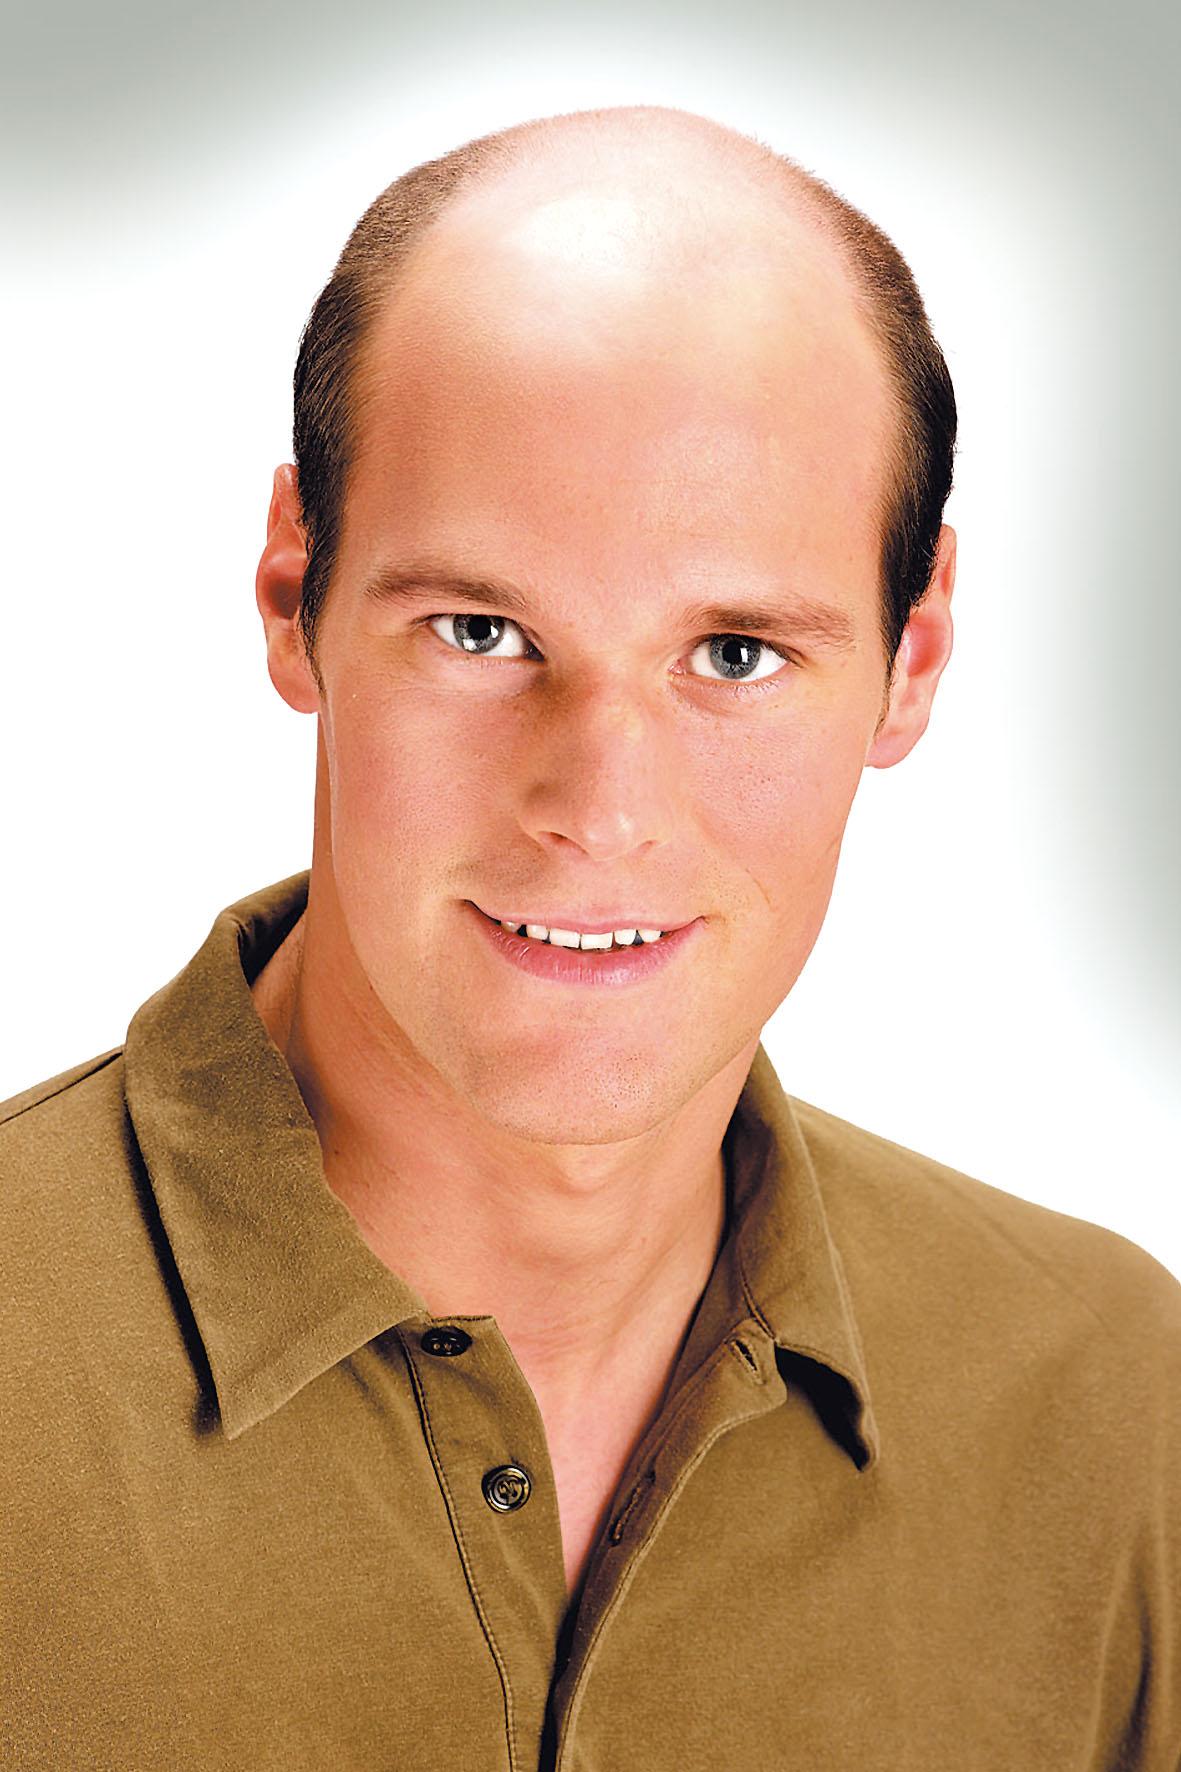 Der Haarausfall aus für der Kieferhöhlenentzündung